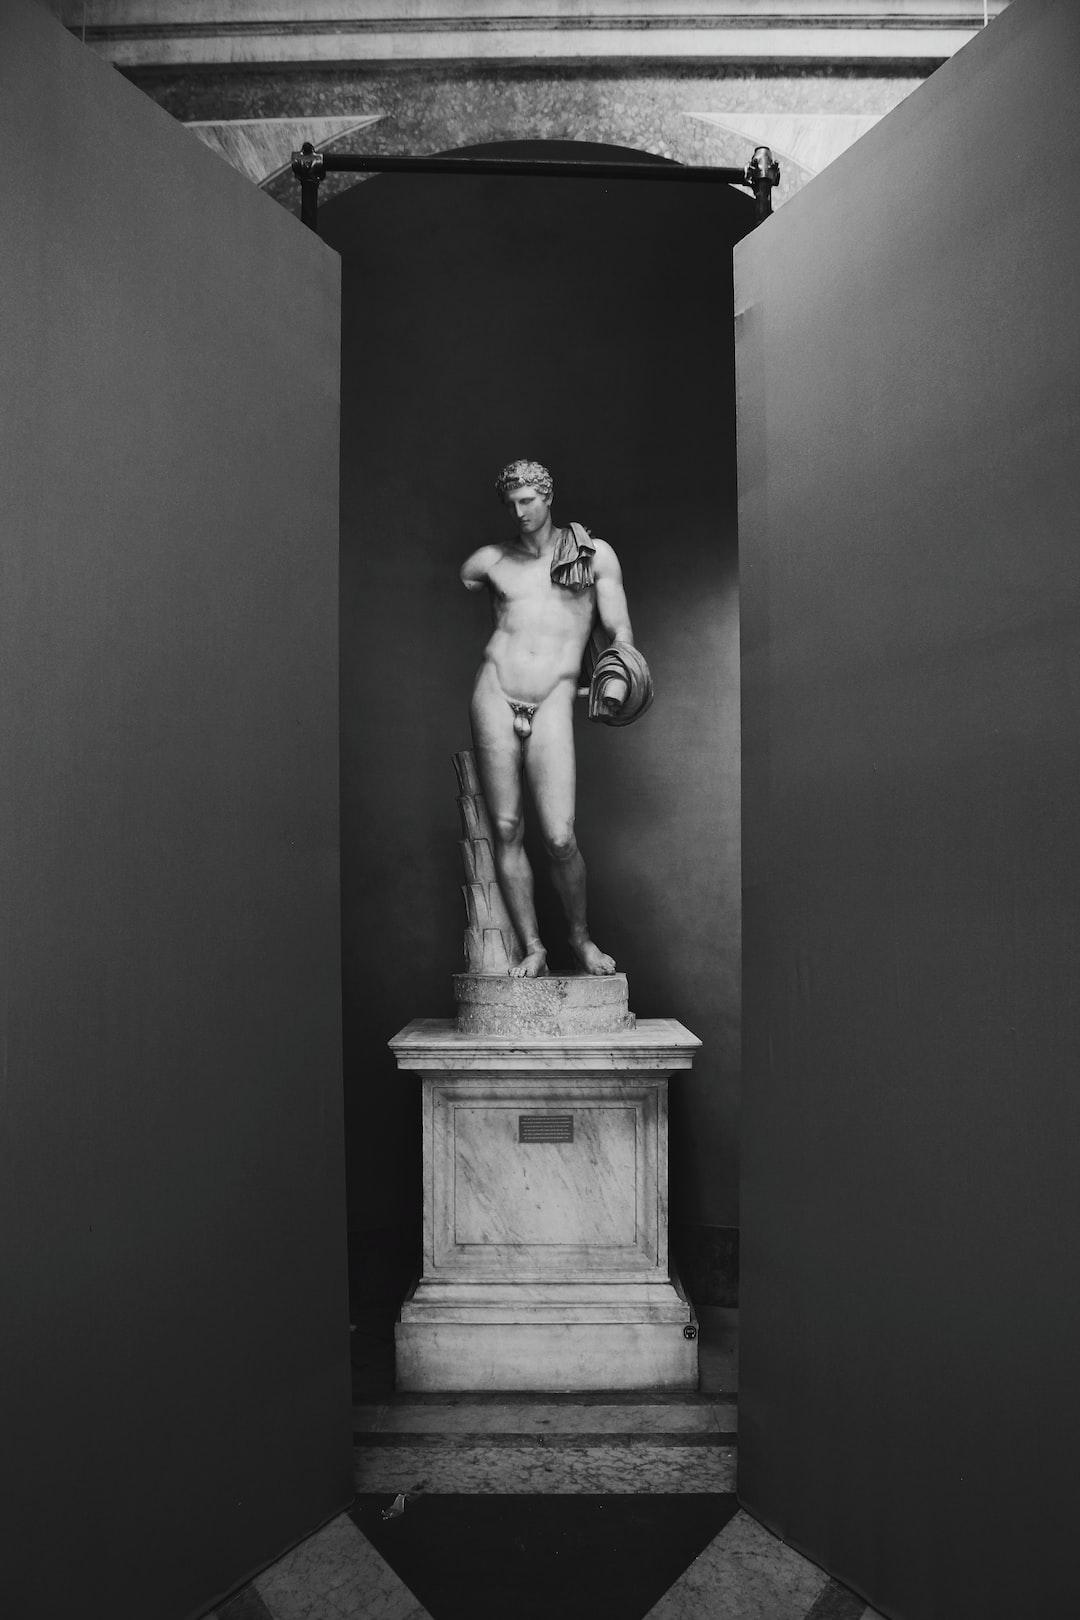 Estaba en el palacio de versalles y me separe de mi grupo para tomar fotos, los perdí y al buscarlos llegué a un area en reparación donde encontré esta estatua y era el modelo perfecto